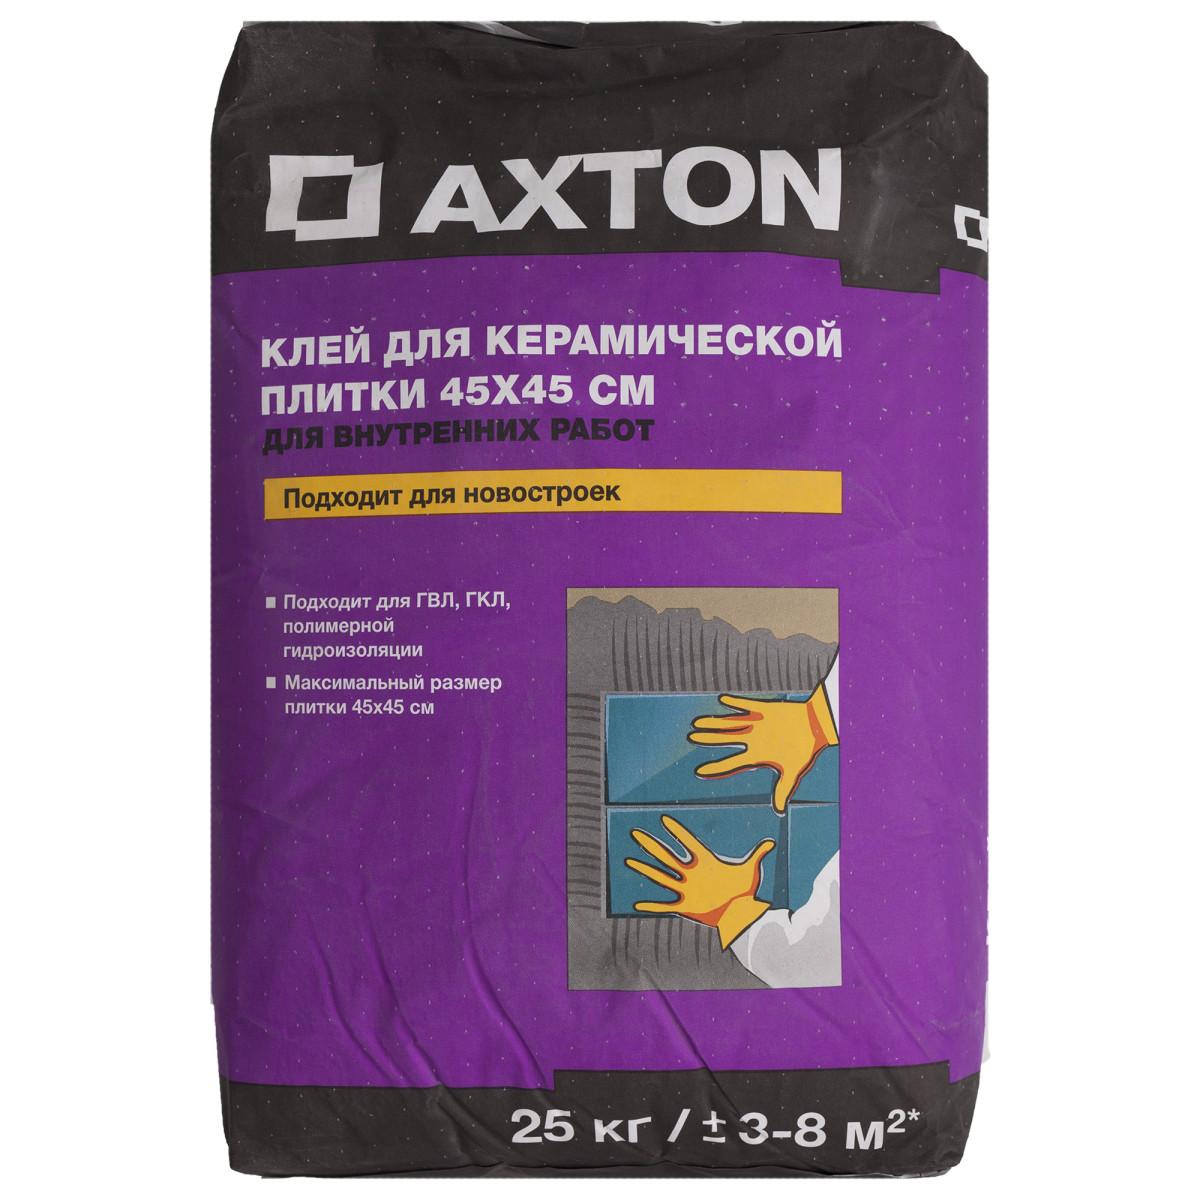 Клей для керамической плитки Axton 45х45 см 25 кг